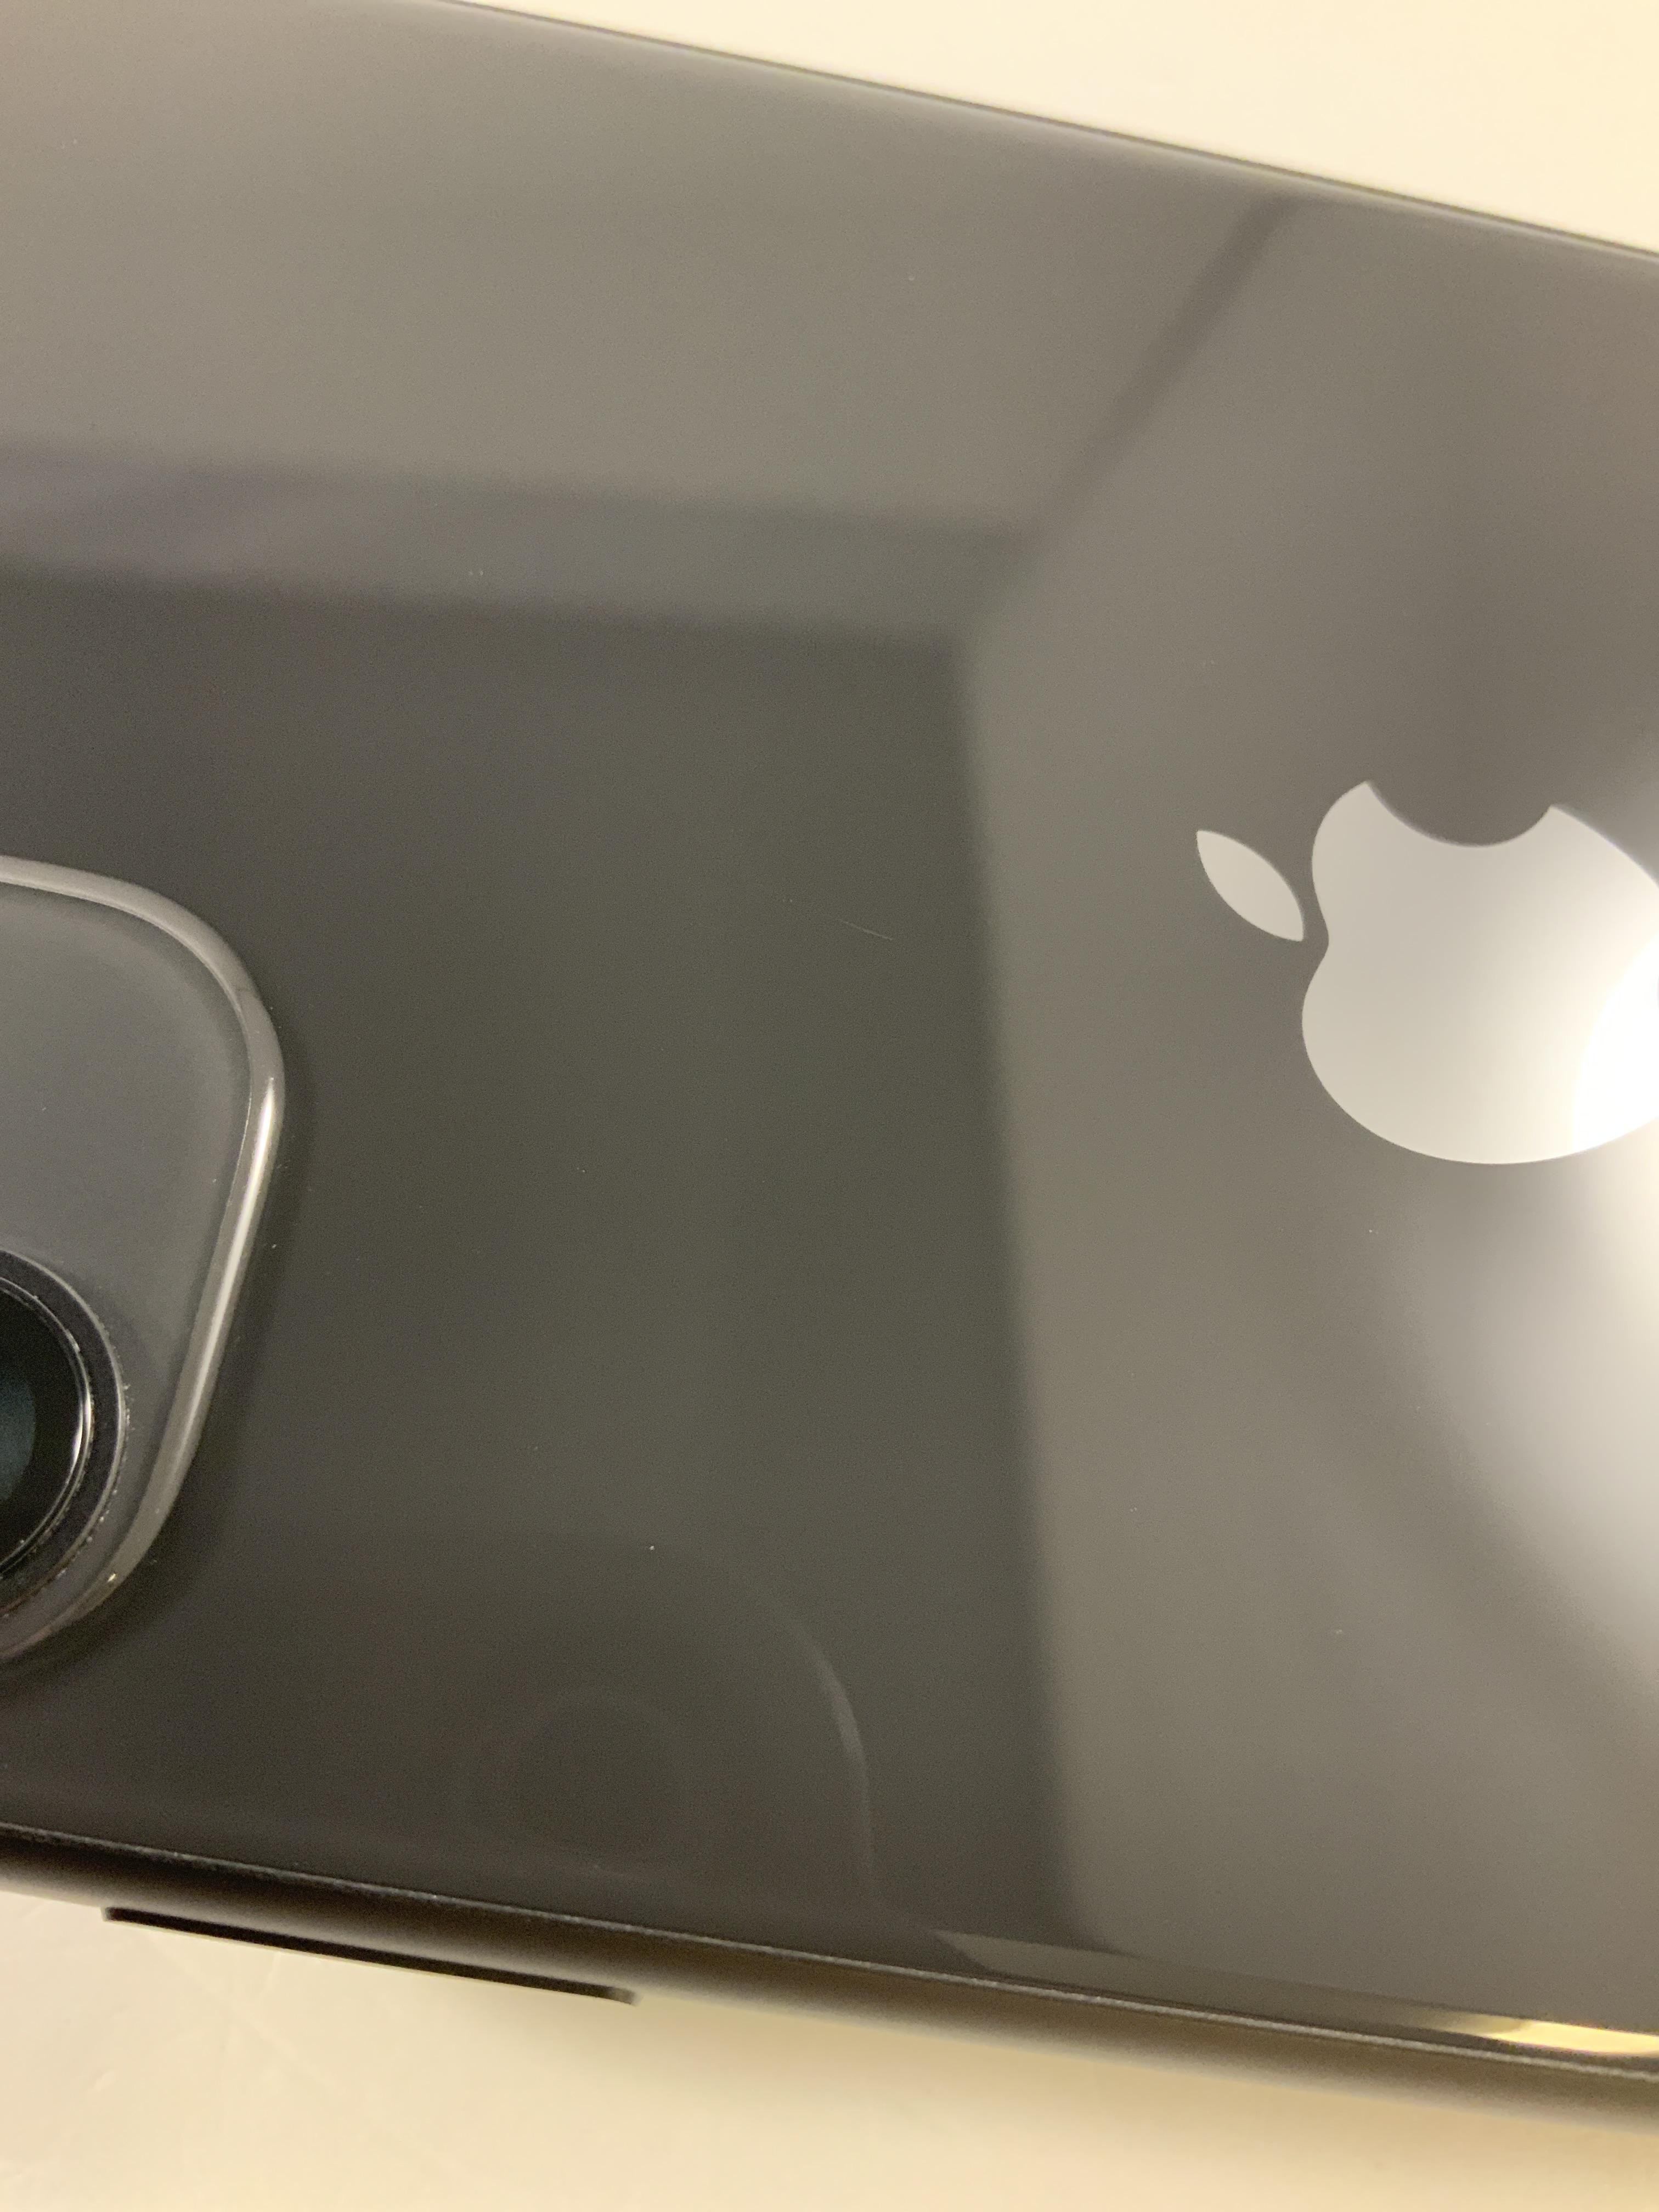 iPhone 11 64GB, 64GB, Black, obraz 4